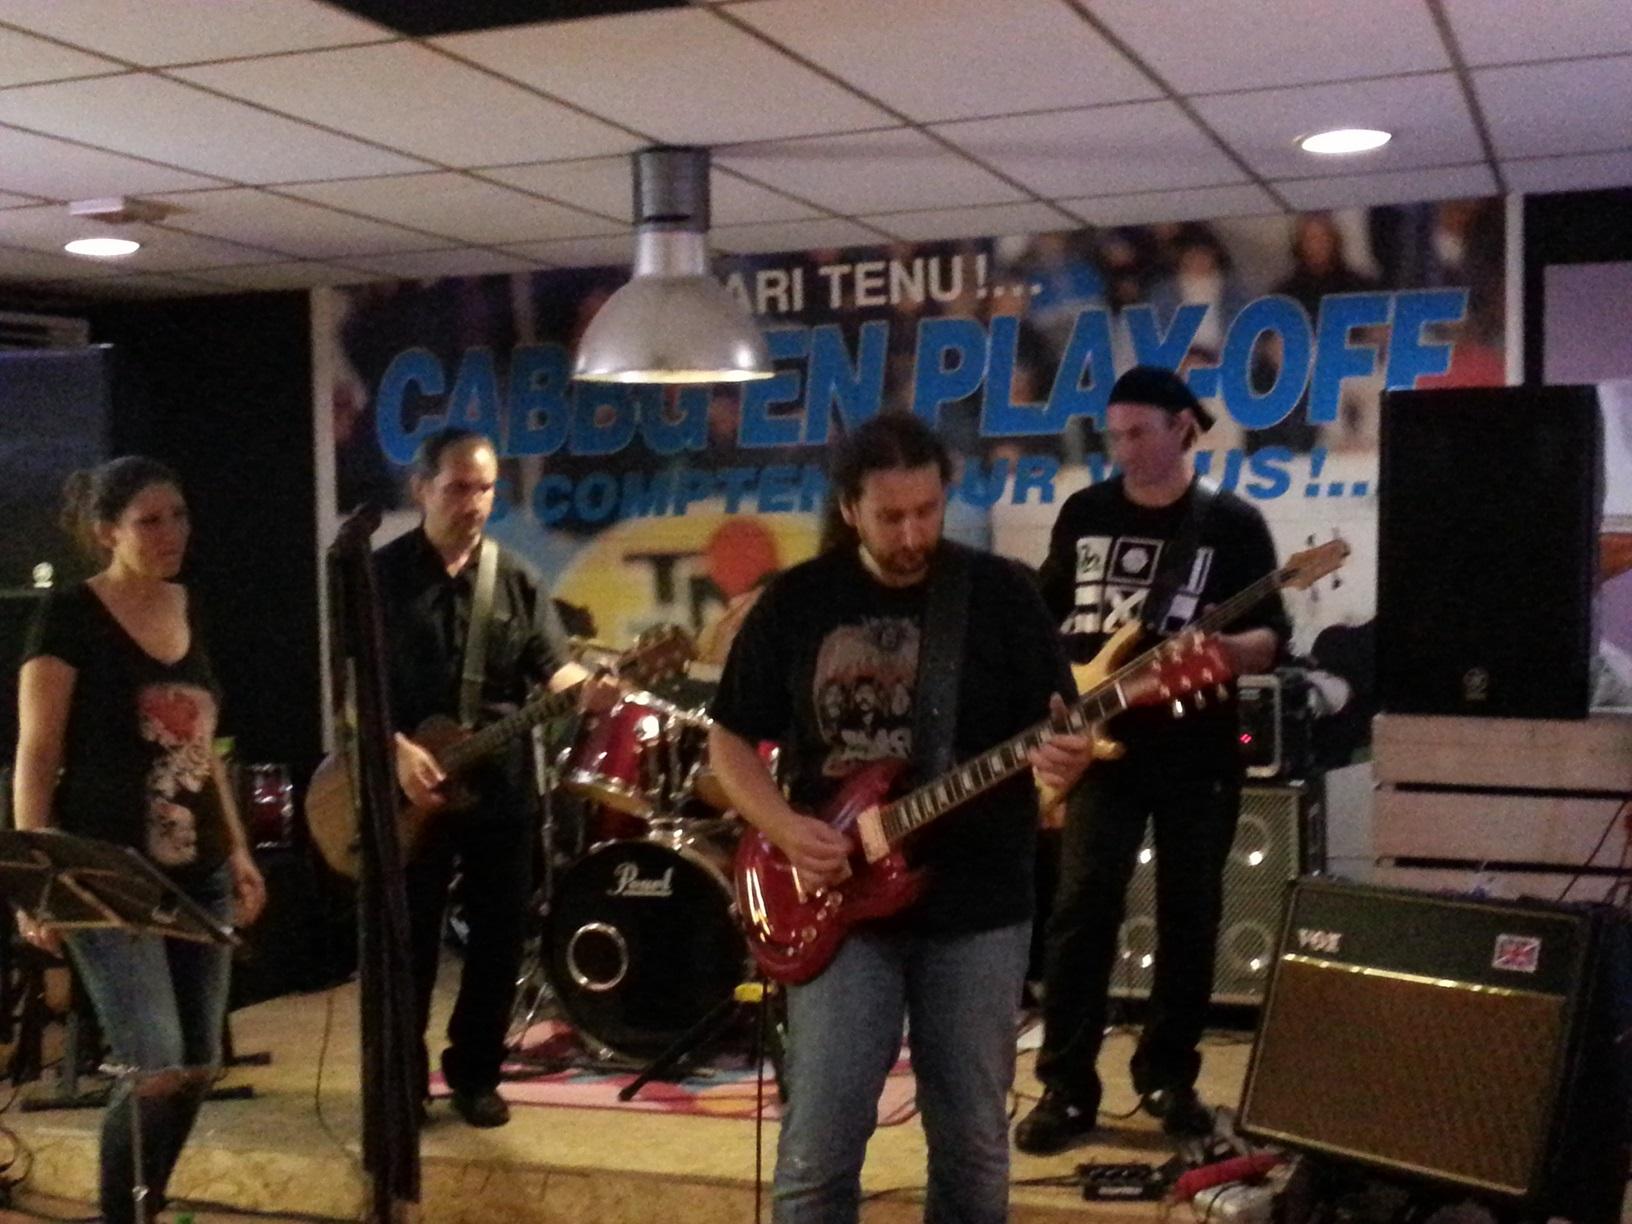 Chai-nous_concert-carpediem_haillan